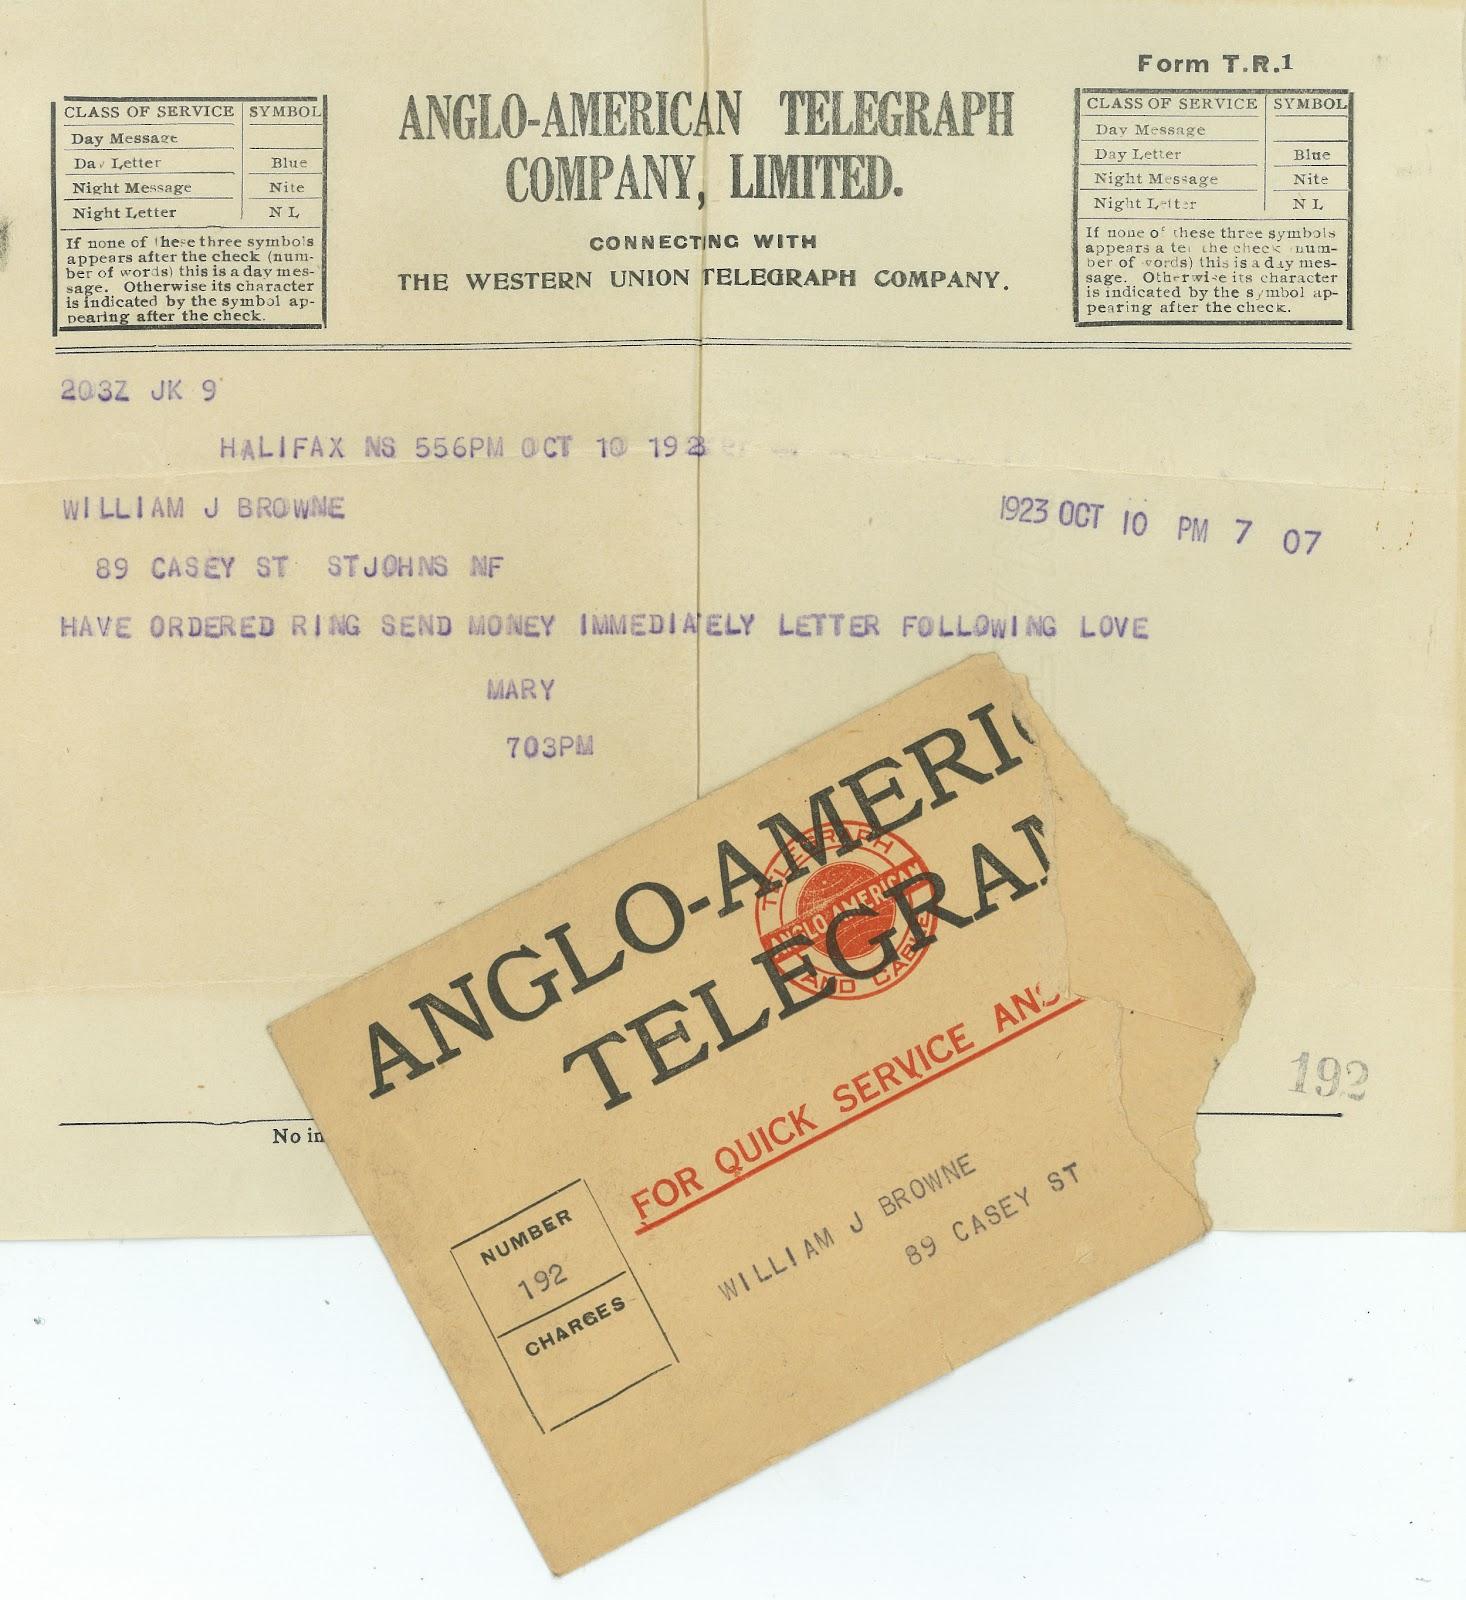 Telegram Oct 10, 1923 - resized.jpg